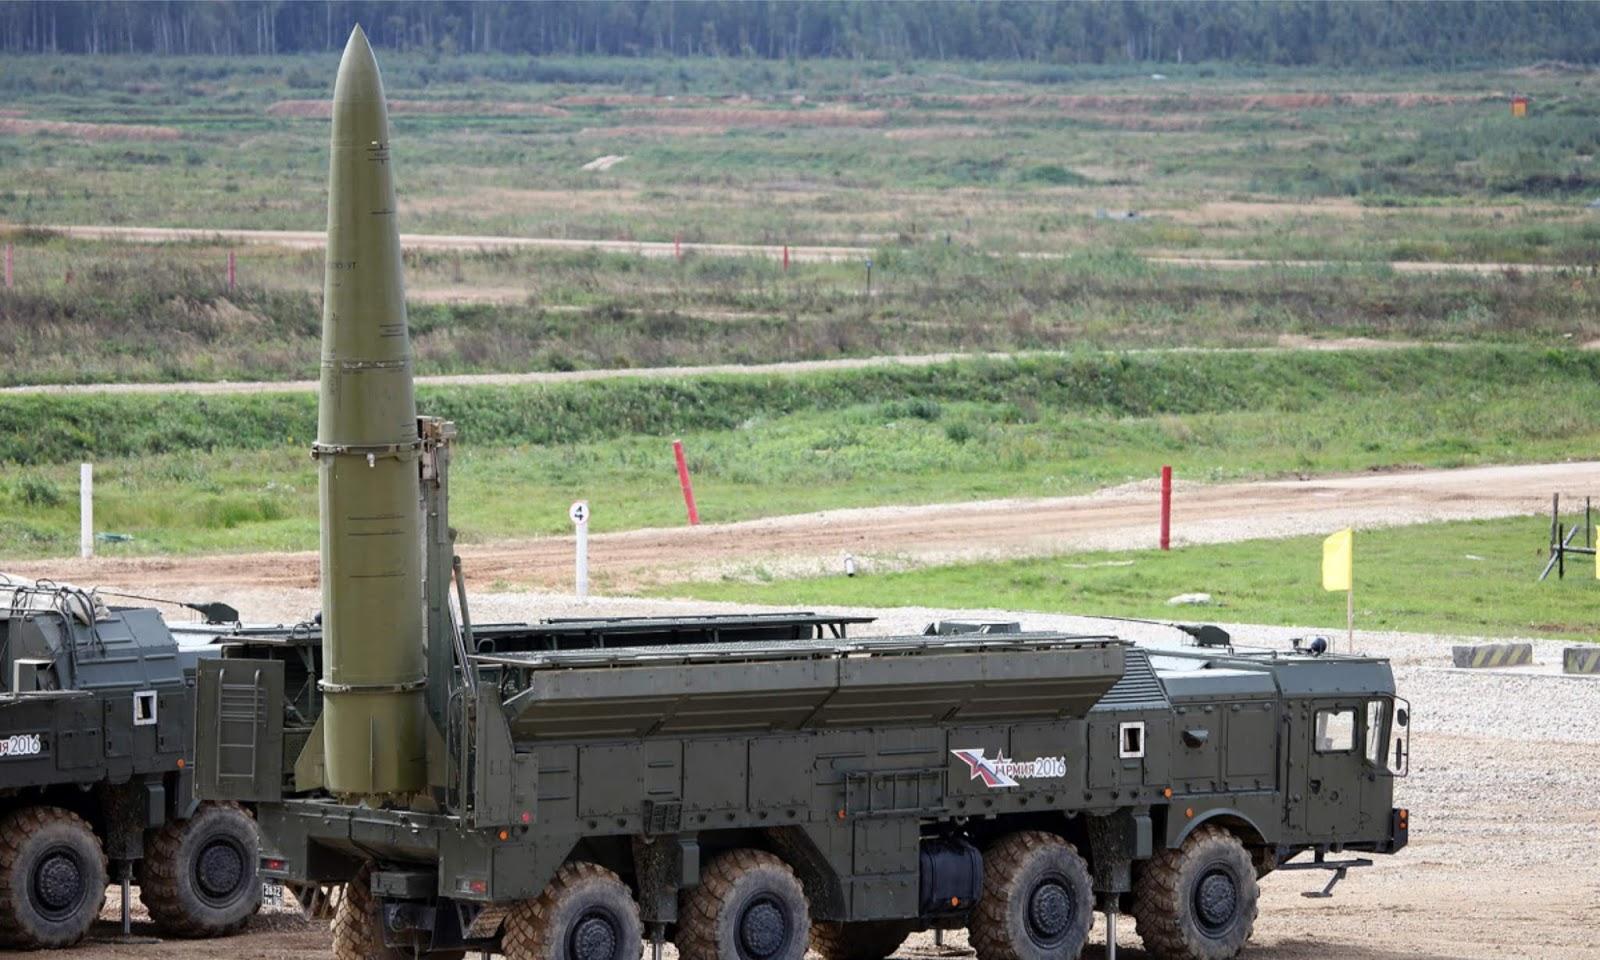 Rusia sedang mempersiapkan perang dengan Amerika Serikat